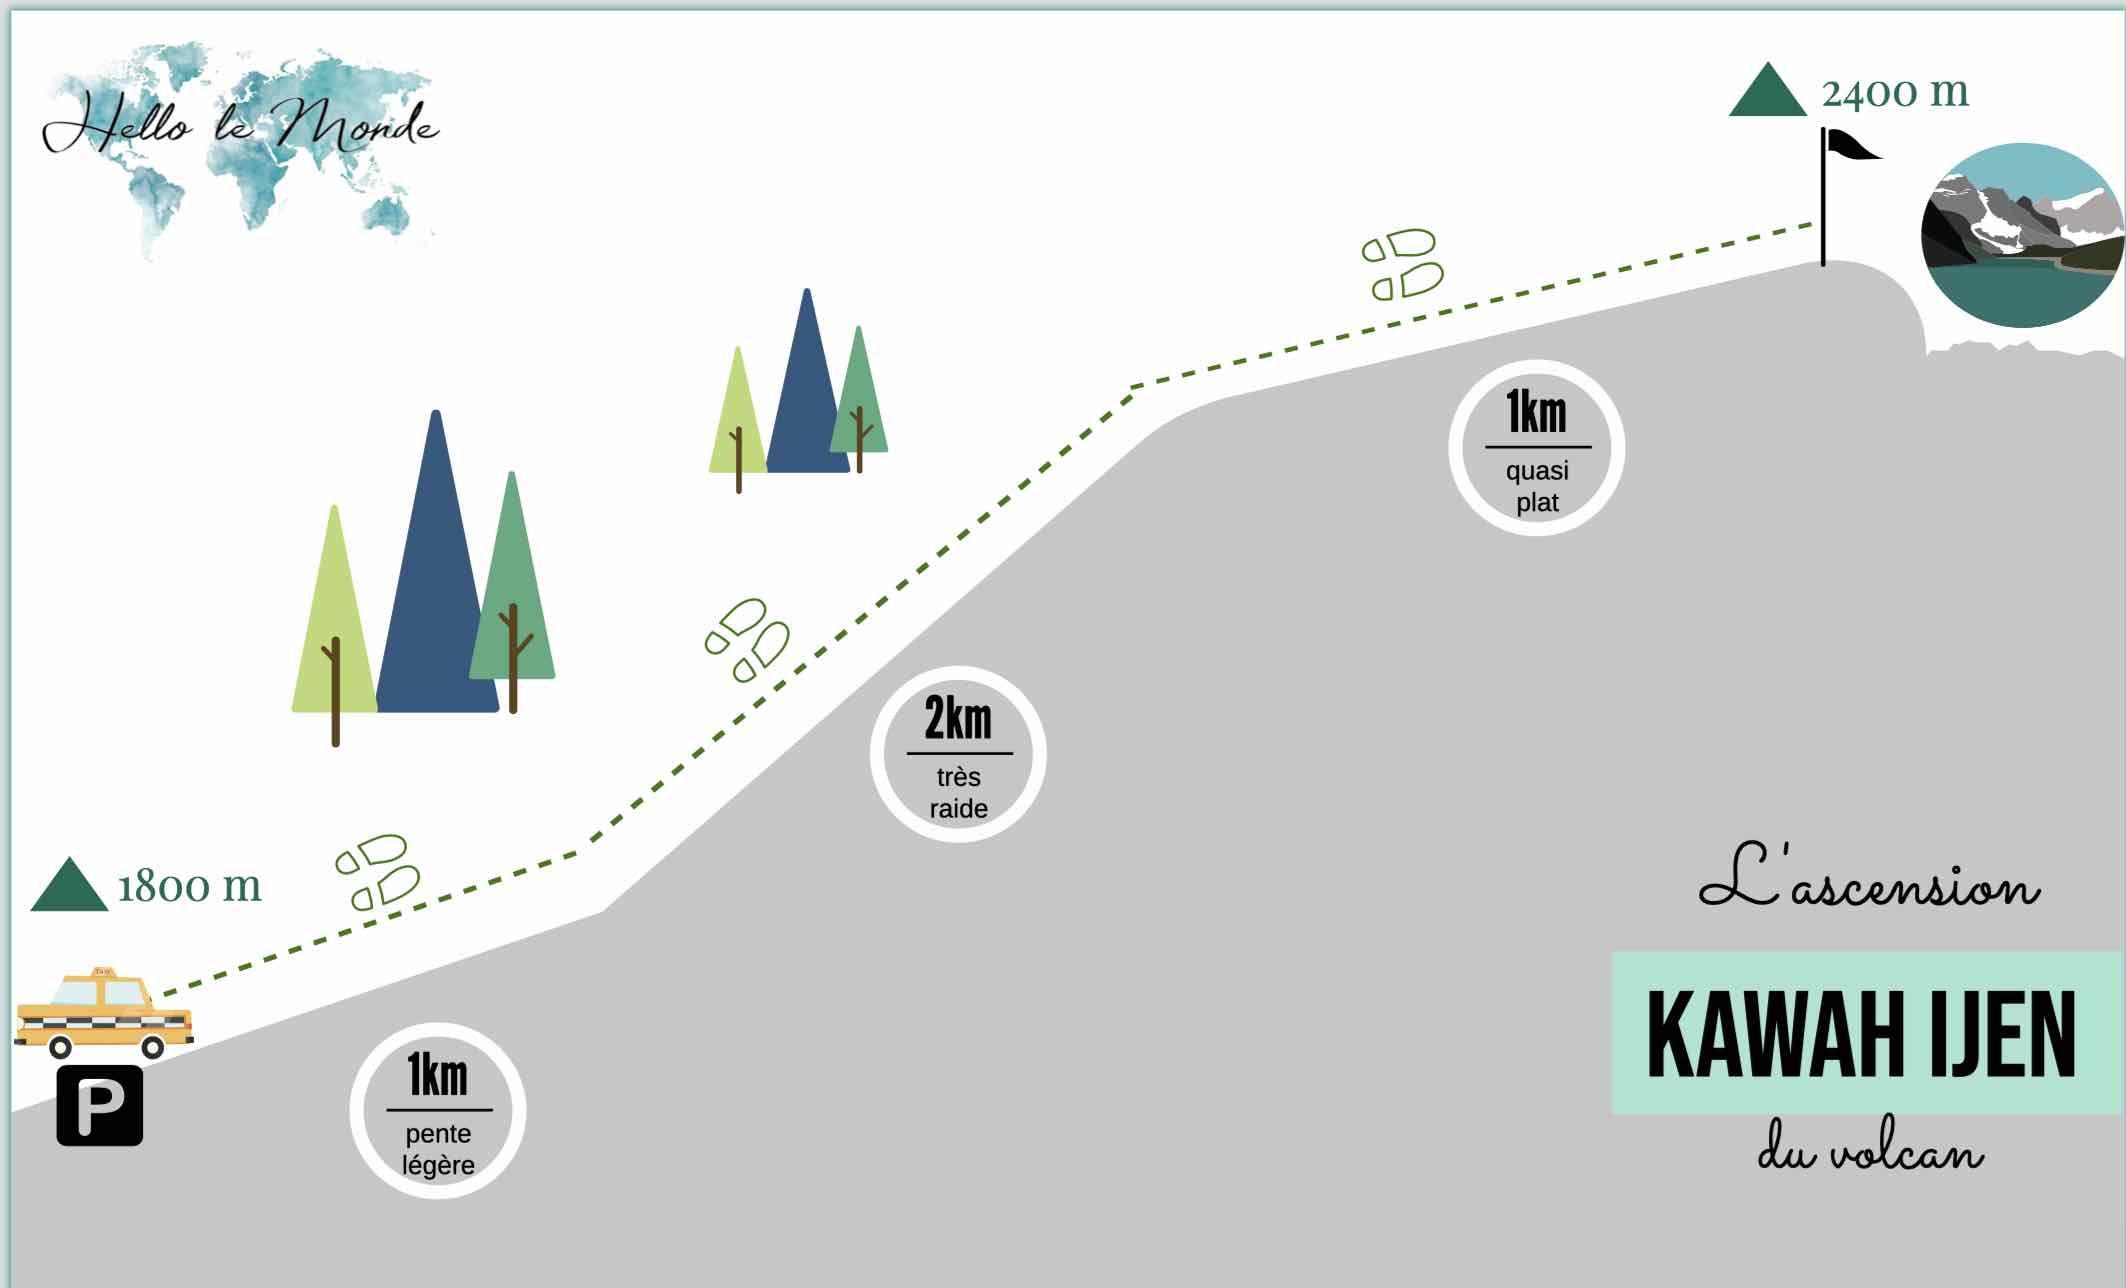 infographie créé avec piktochart